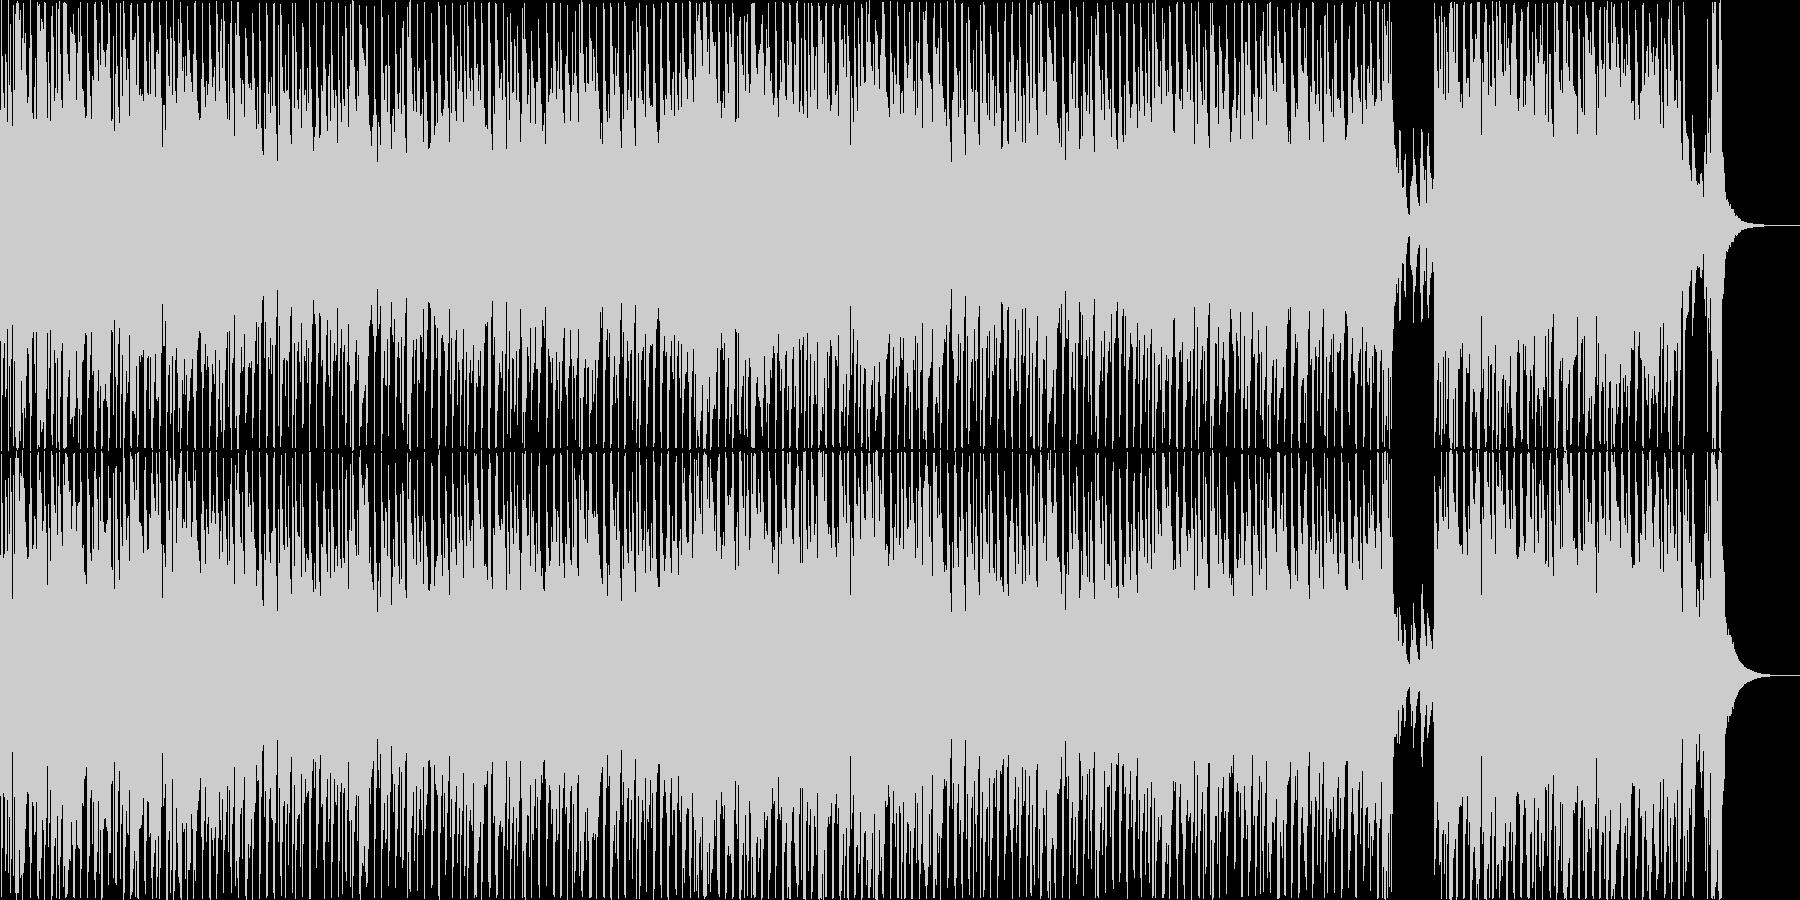 ピアノとブラスが軽快に鳴るポップスの未再生の波形